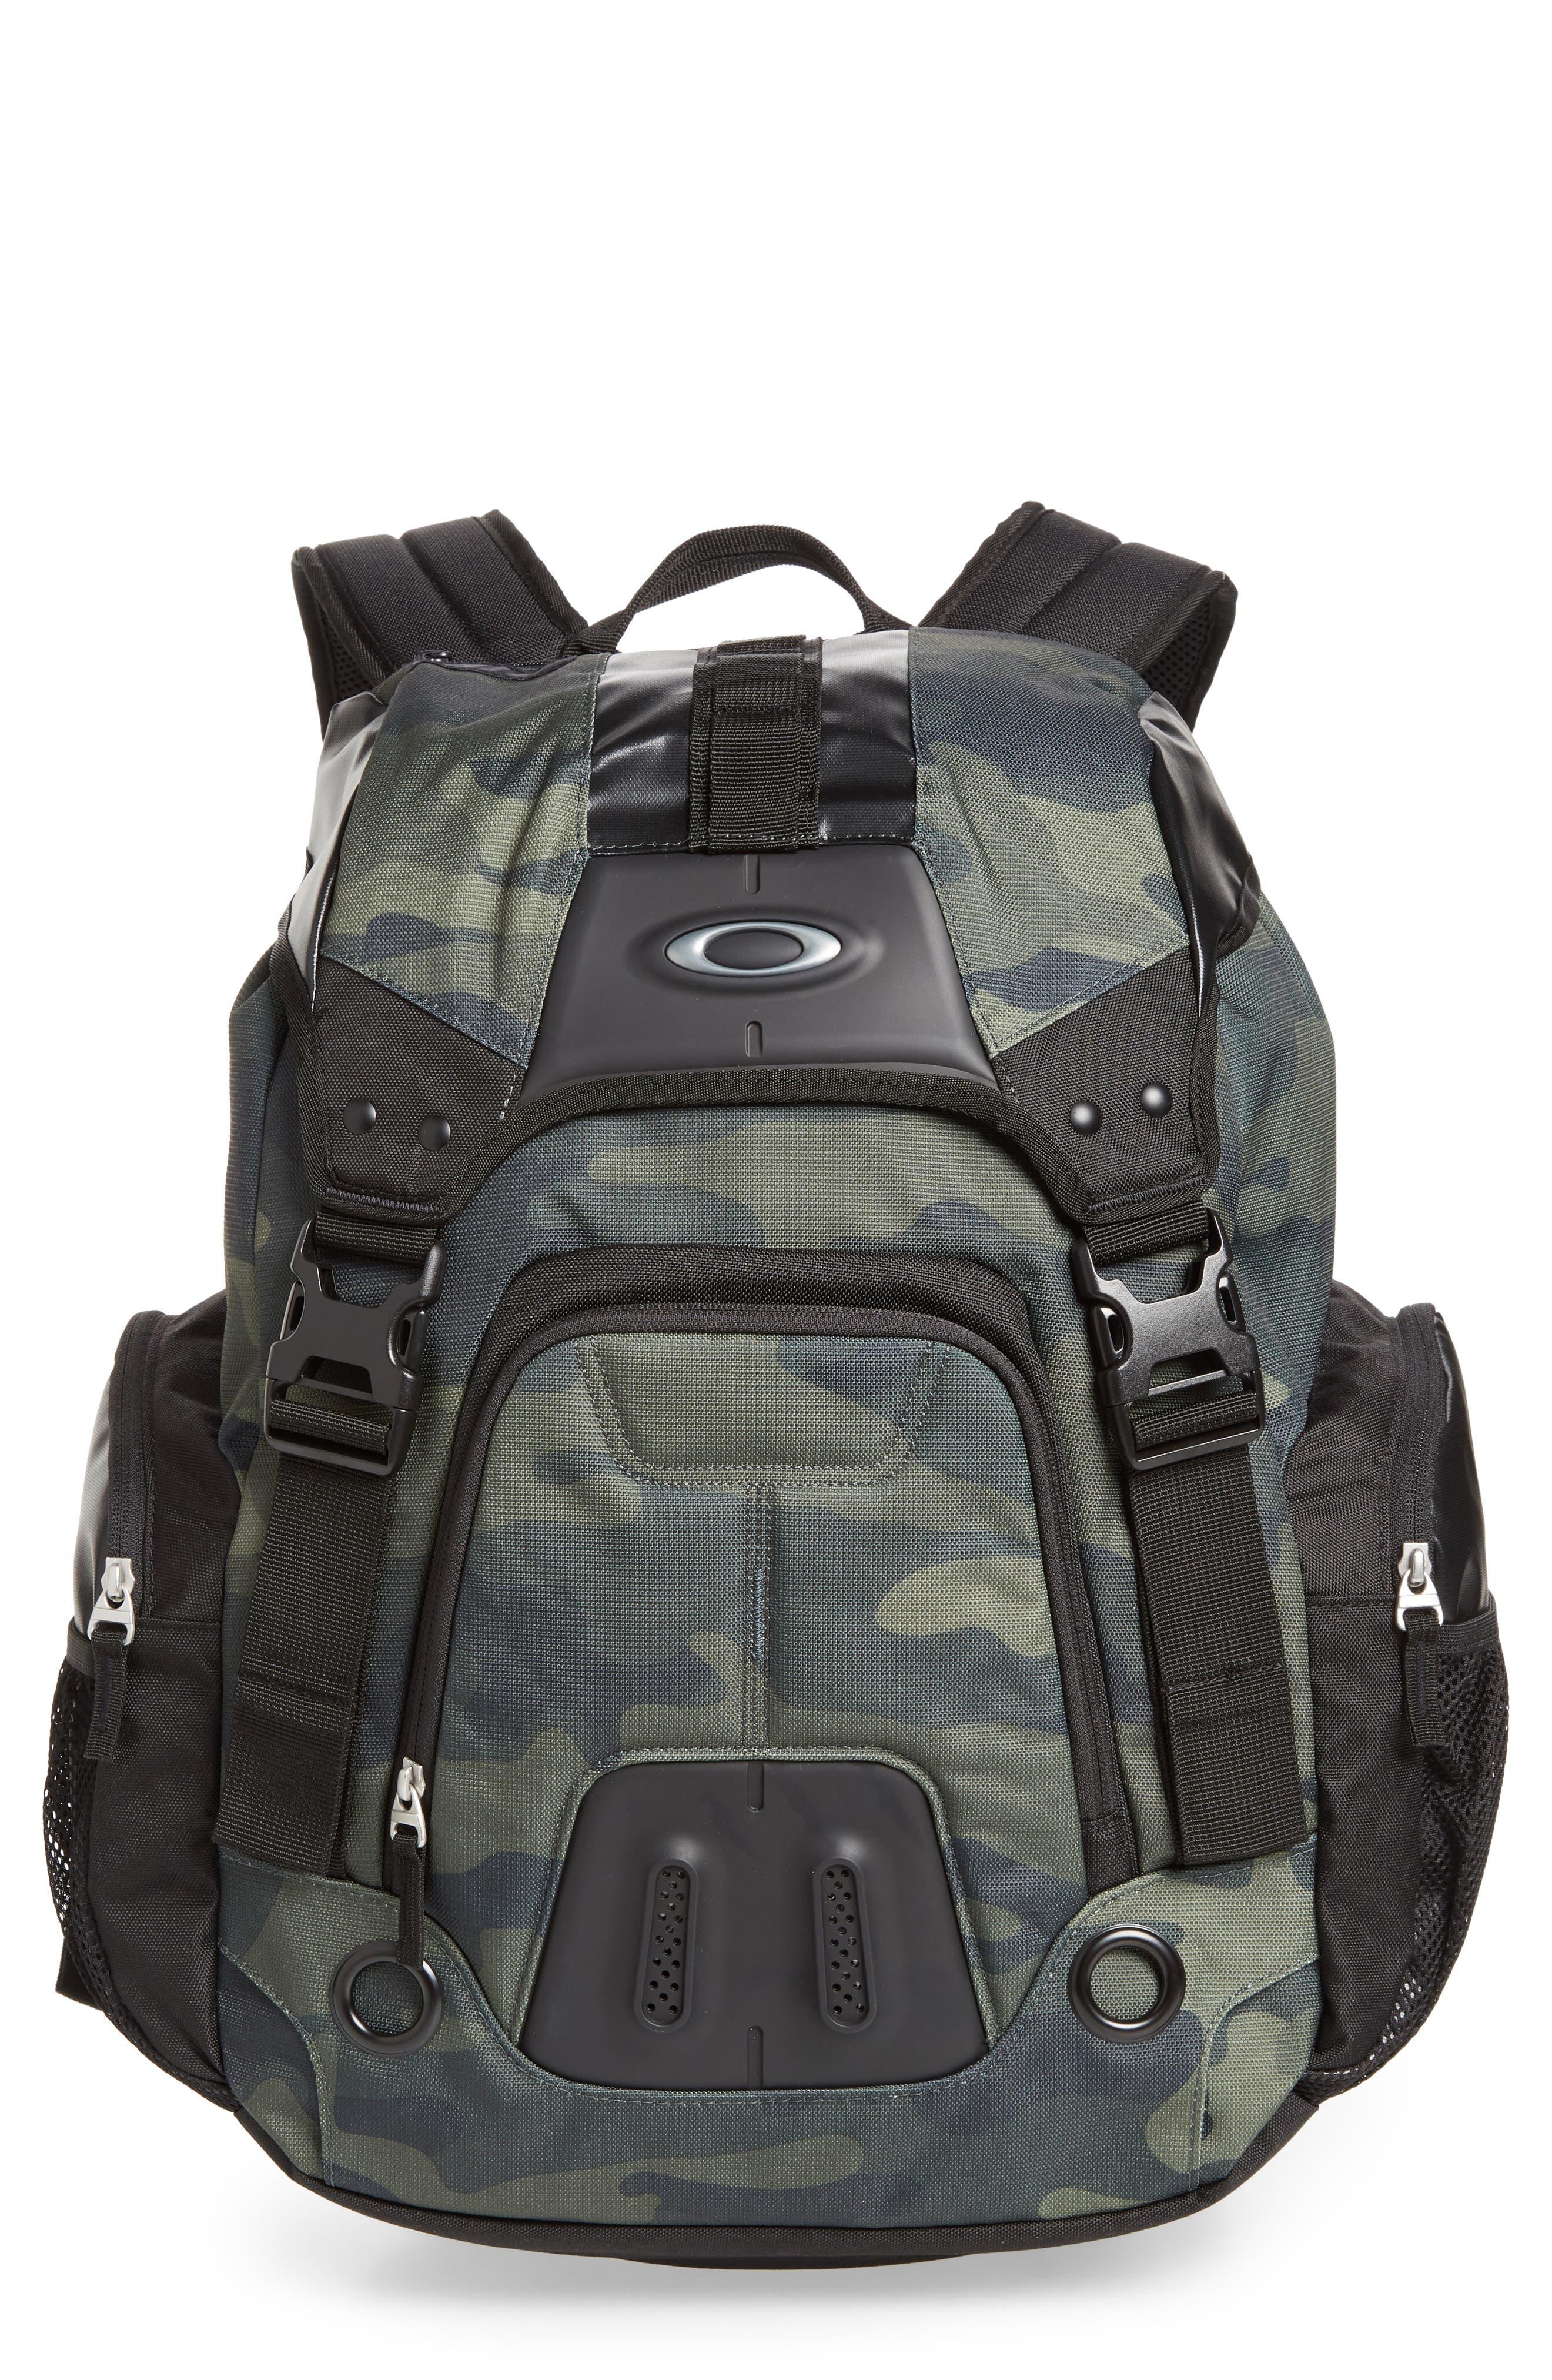 Oakley Gearbox Lx Backpack - Green